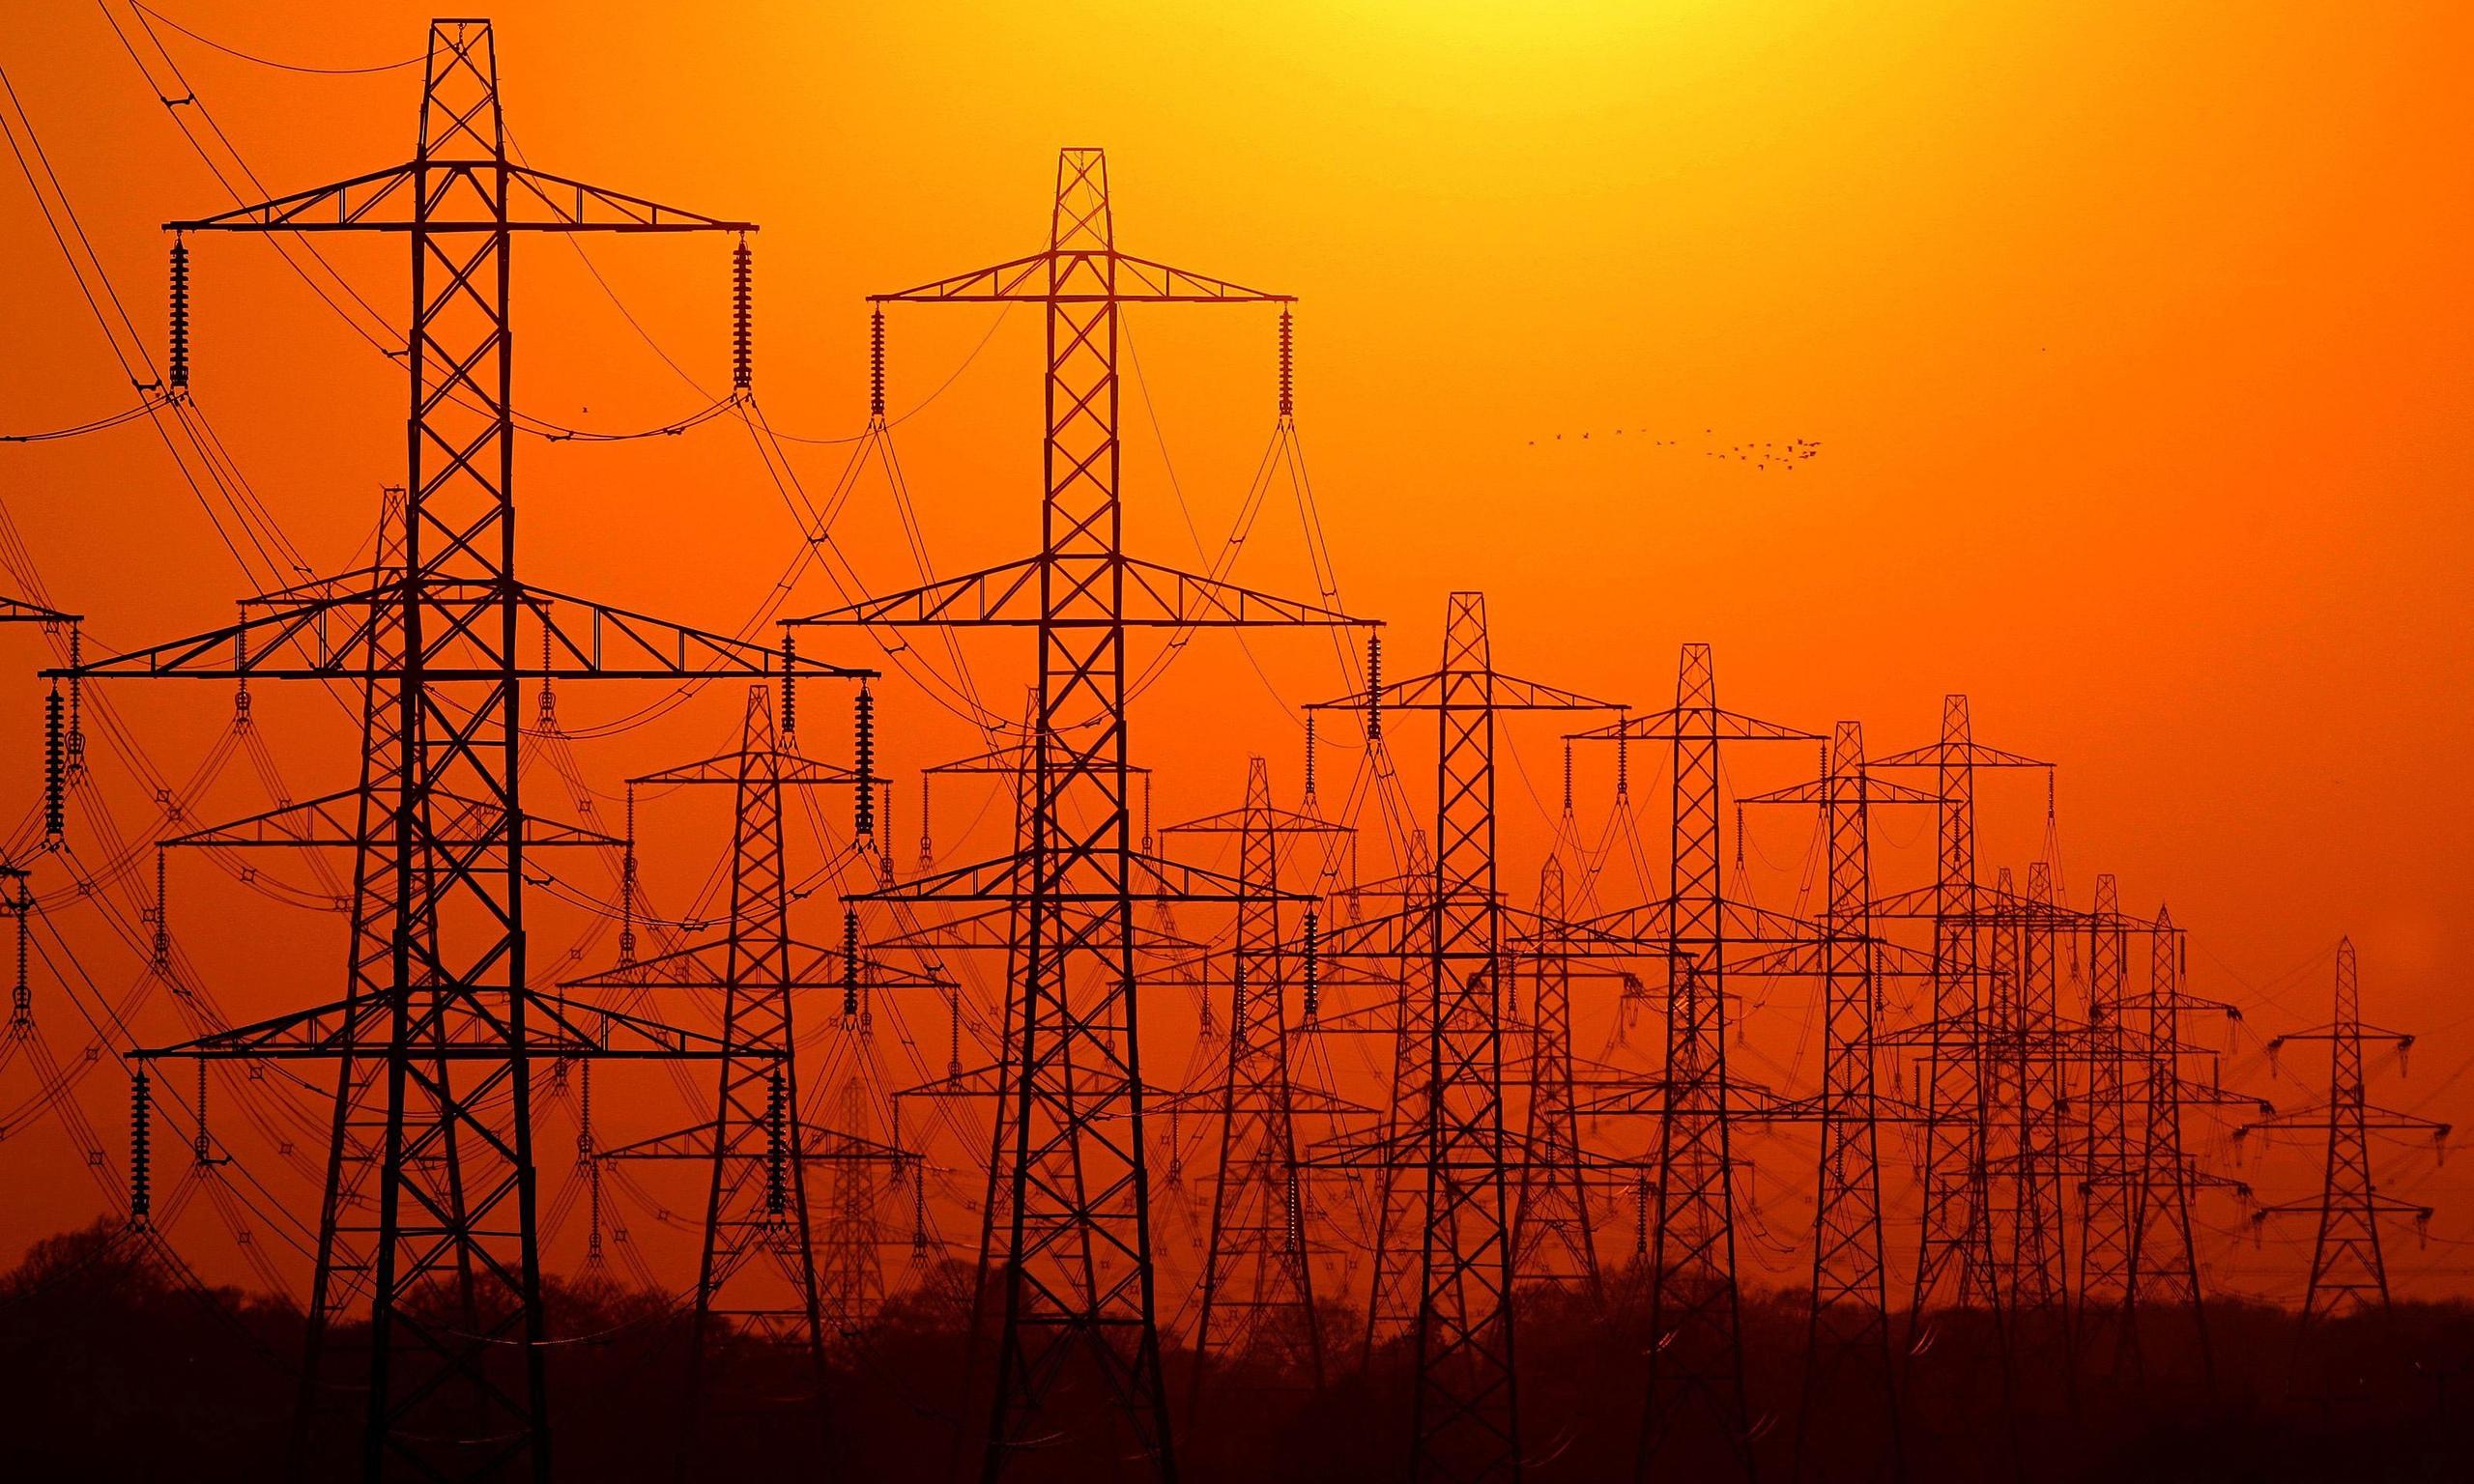 2017թ. հունվար-փետրվարին Հայաստանում էլեկտրաէներգիայի արտադրությունն աճել է 10.5%-ով